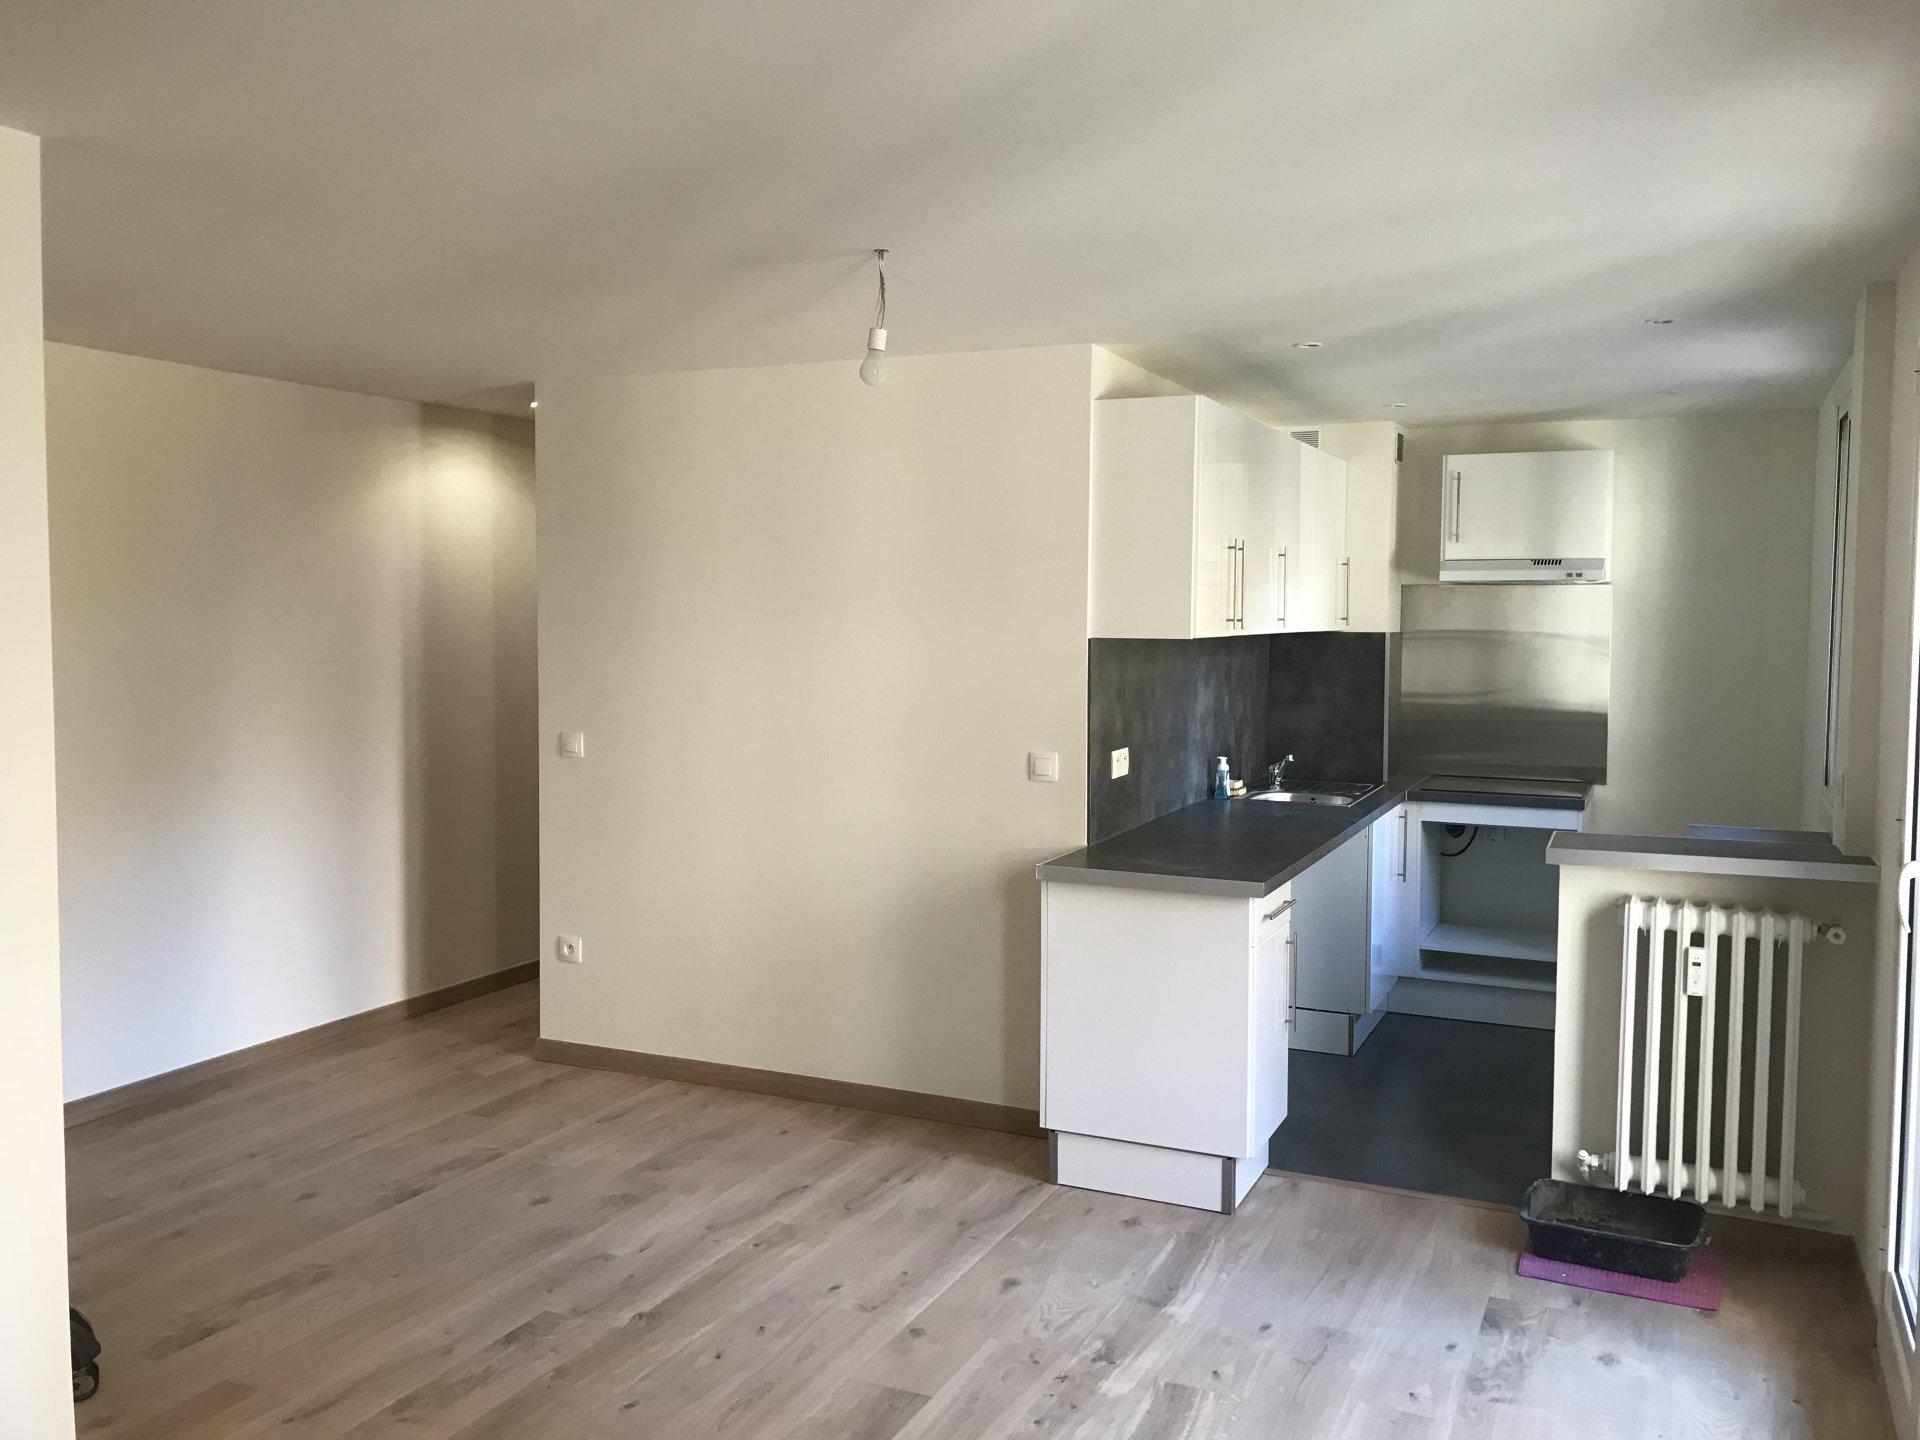 Appartement 2 pièces à vendre - NICE Centre-ville